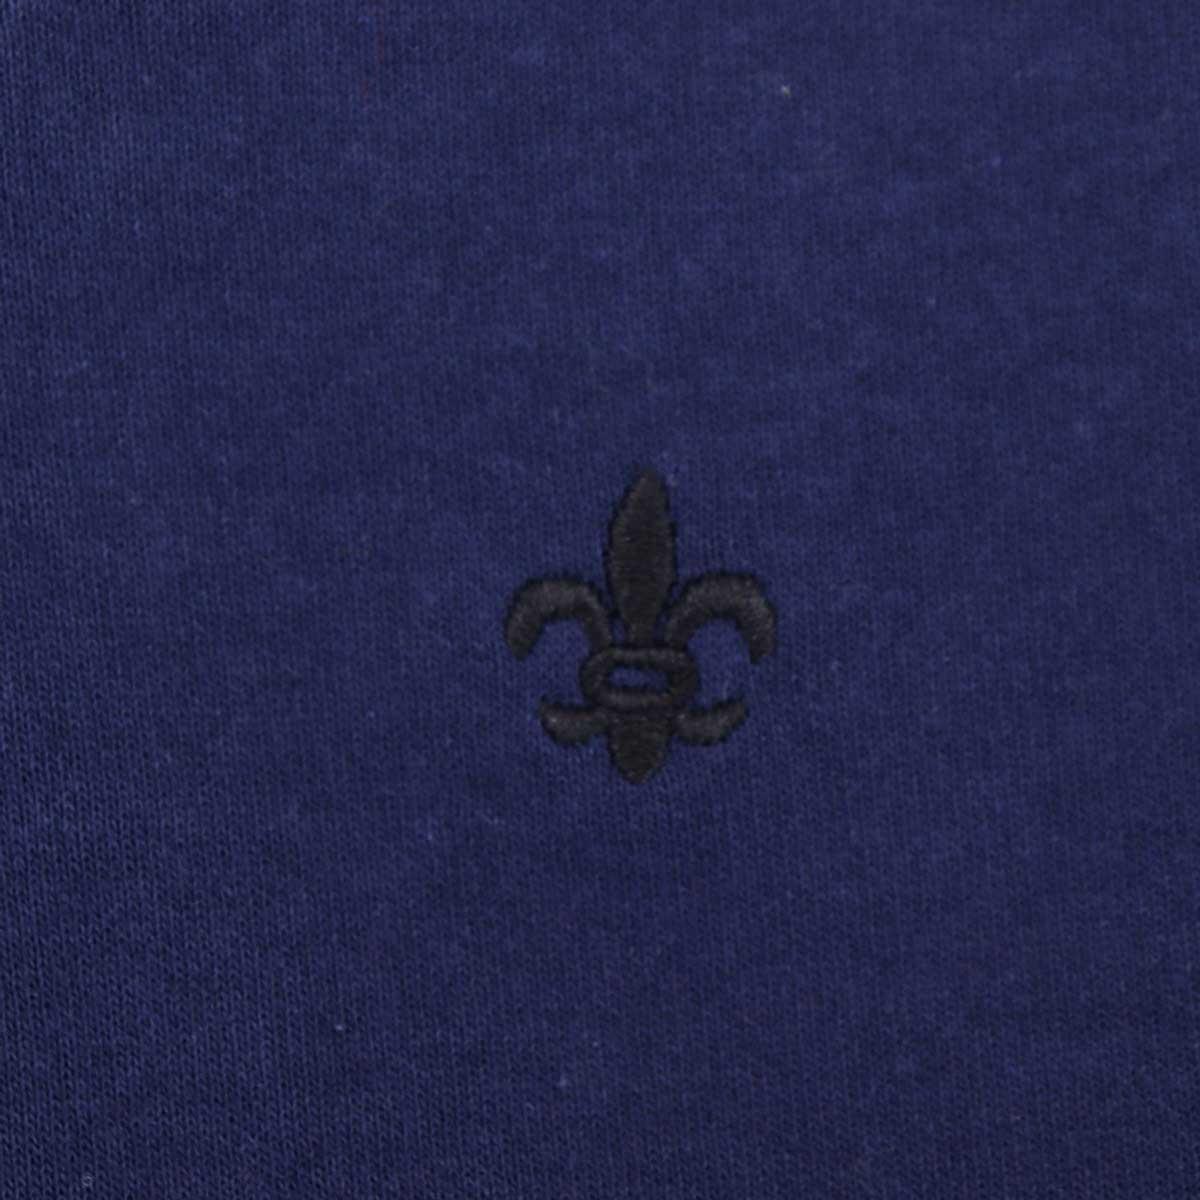 スウィープ ロサンゼルス Sweep!! LosAngeles メンズ 吸水速乾 クルーネック BIGシルエットTシャツ SL160005 SWP NAVY(ネイビー) 春夏新作